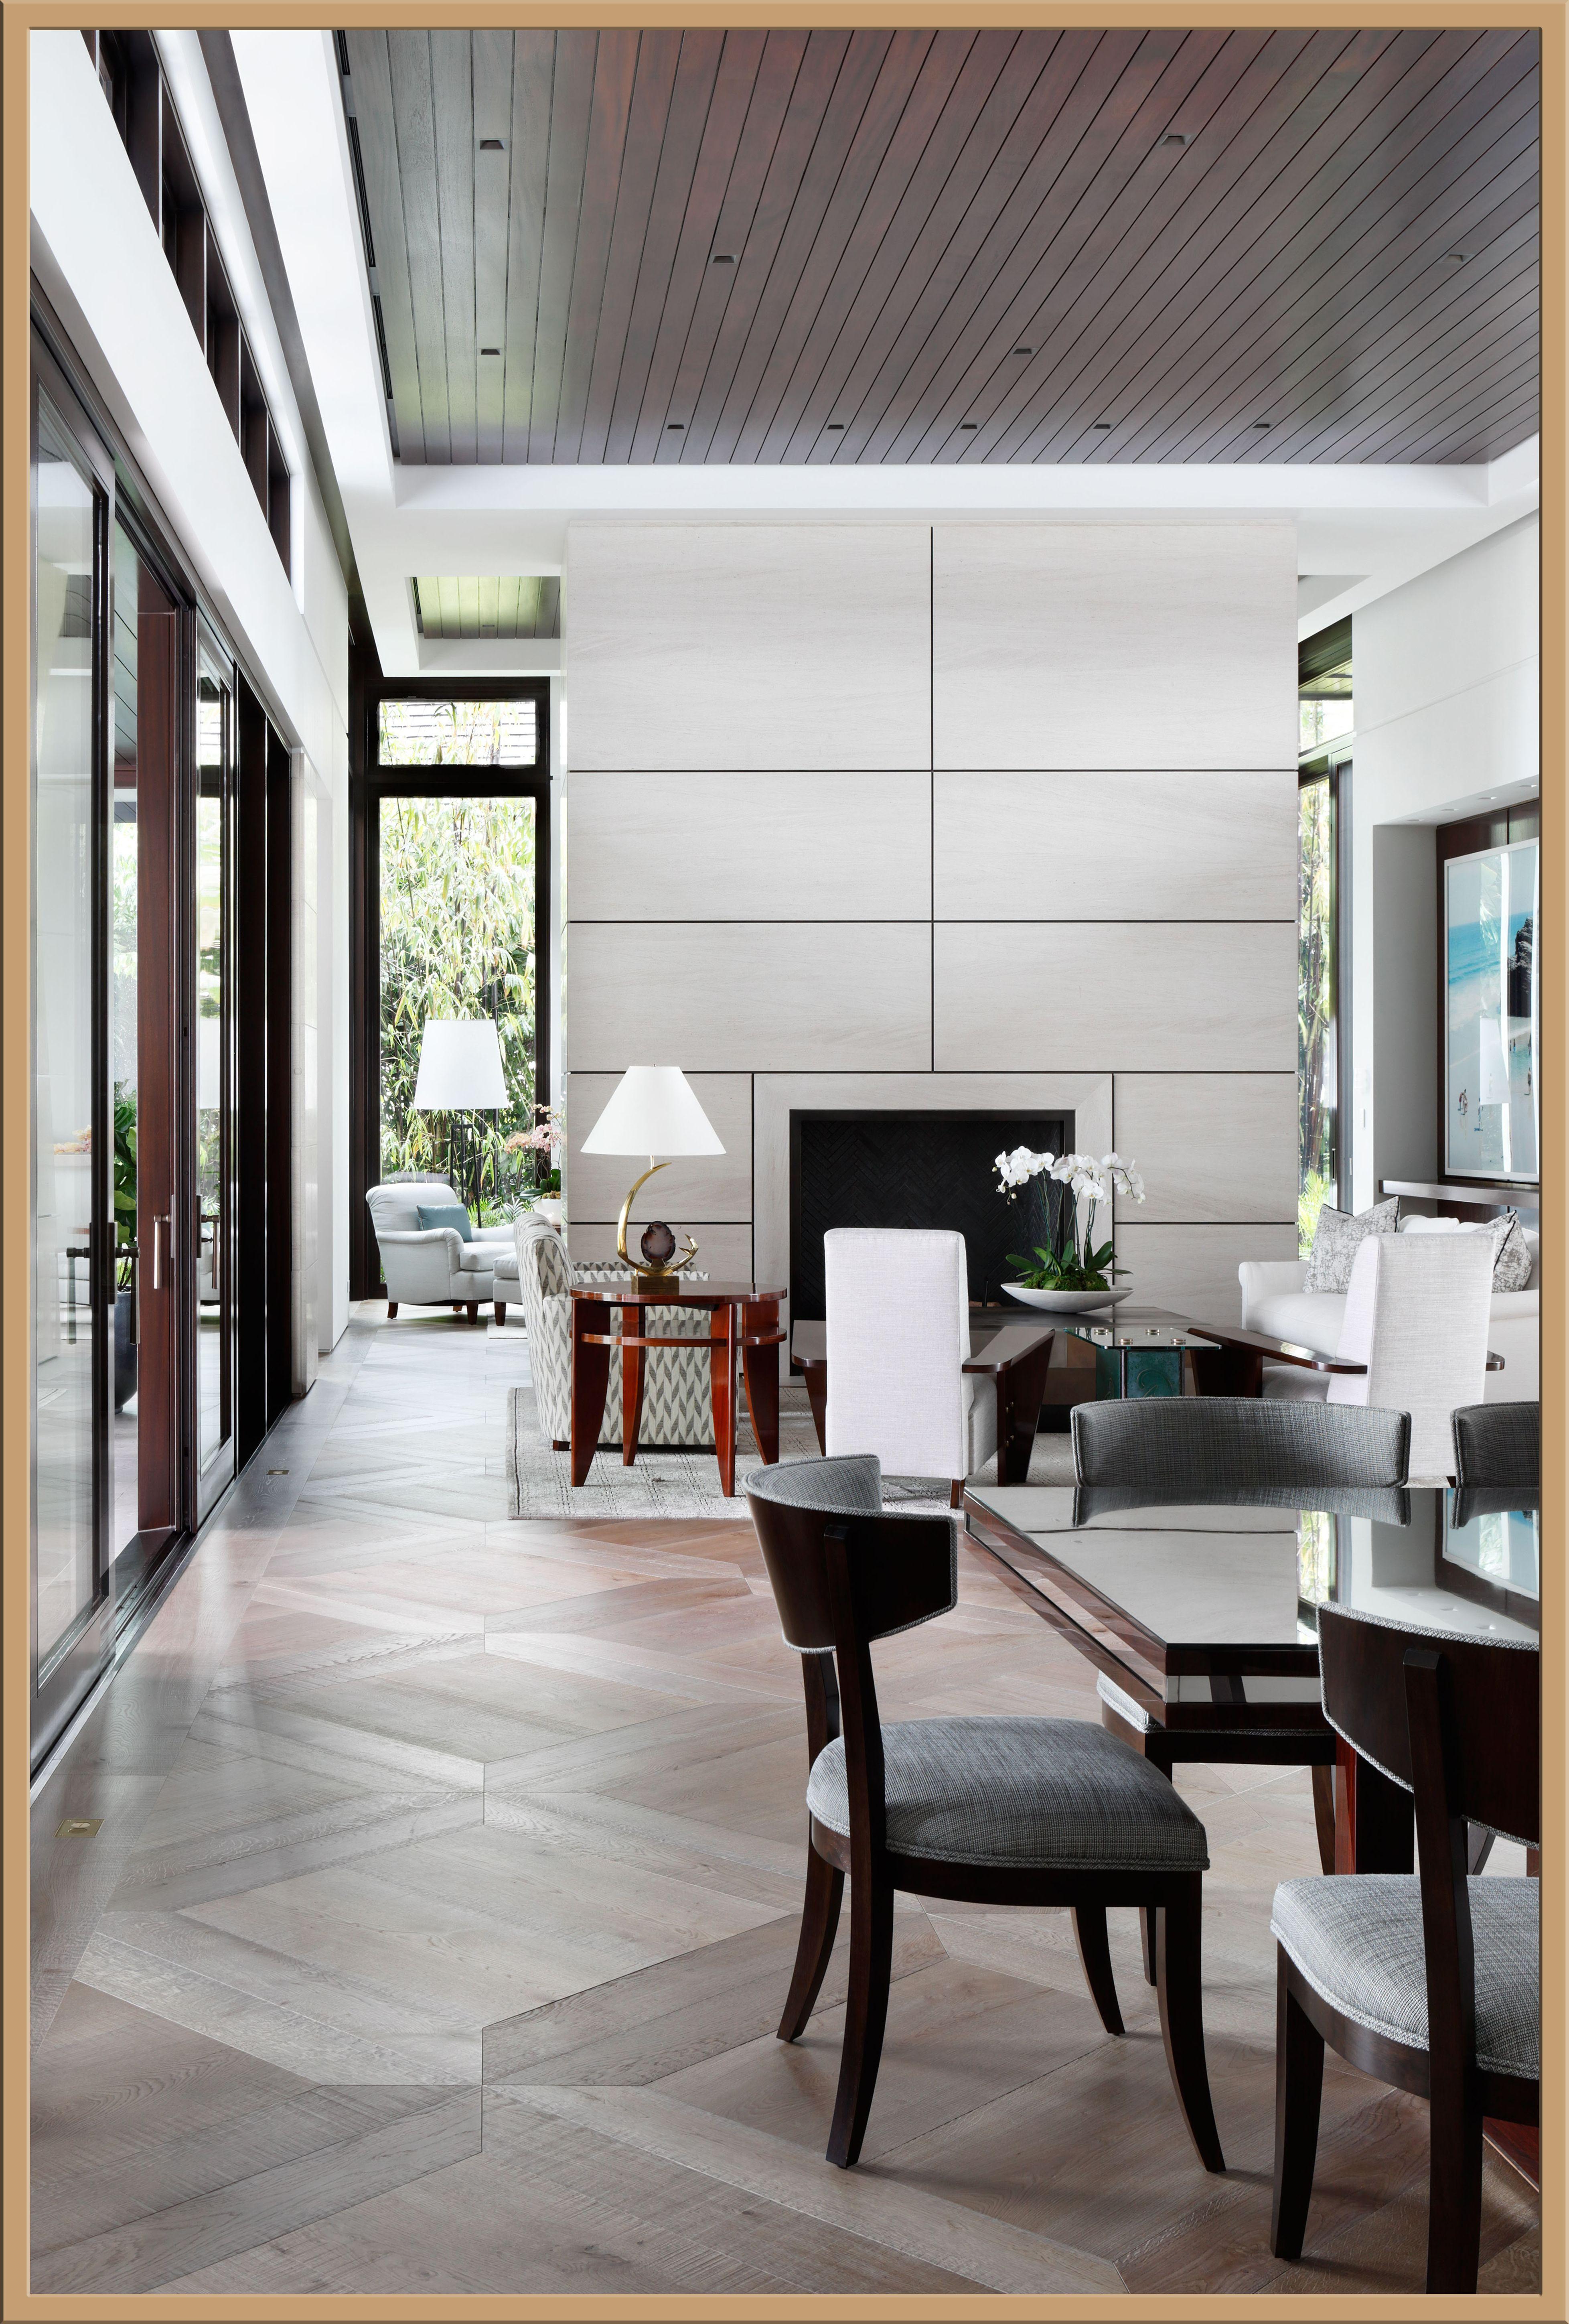 5 Ways To Simplify Interior Design